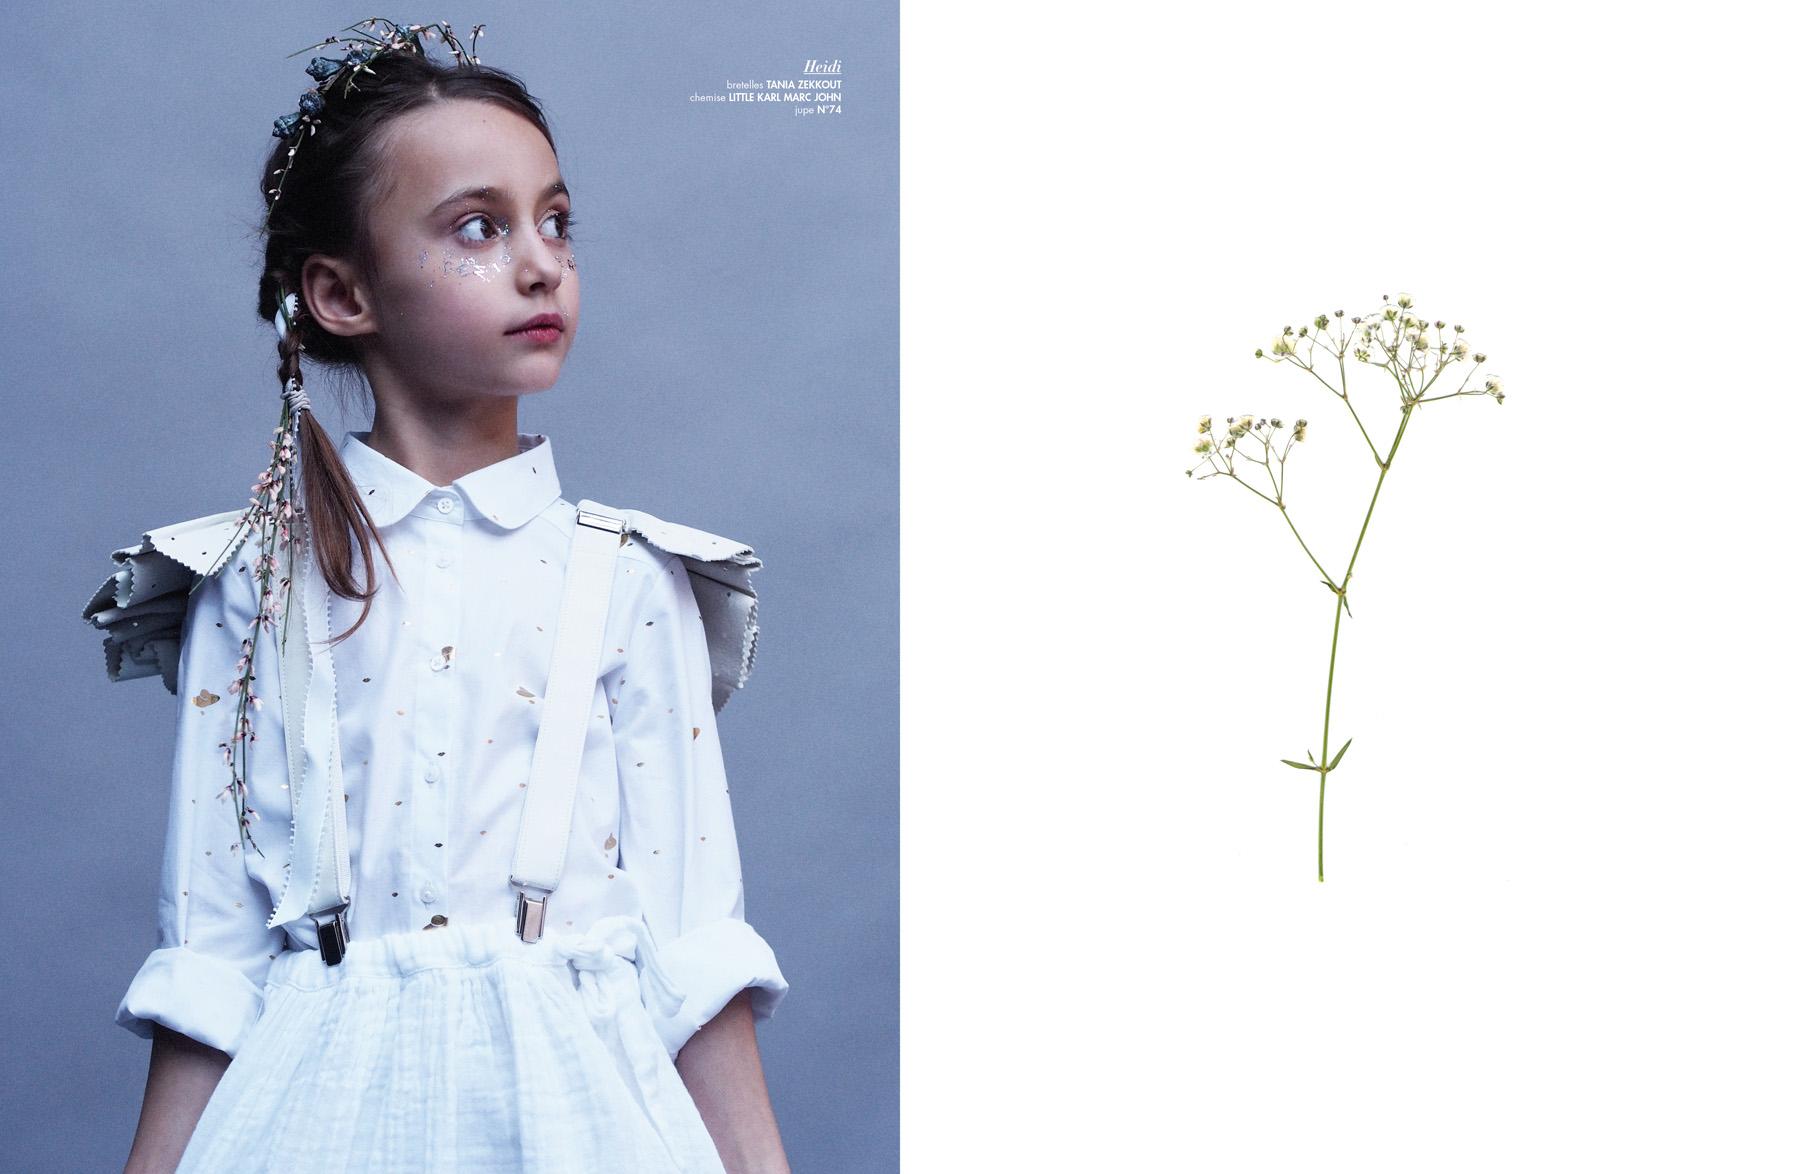 003-icon-artist-management-Kristin-Vicari-kids-Doolittle003.jpg